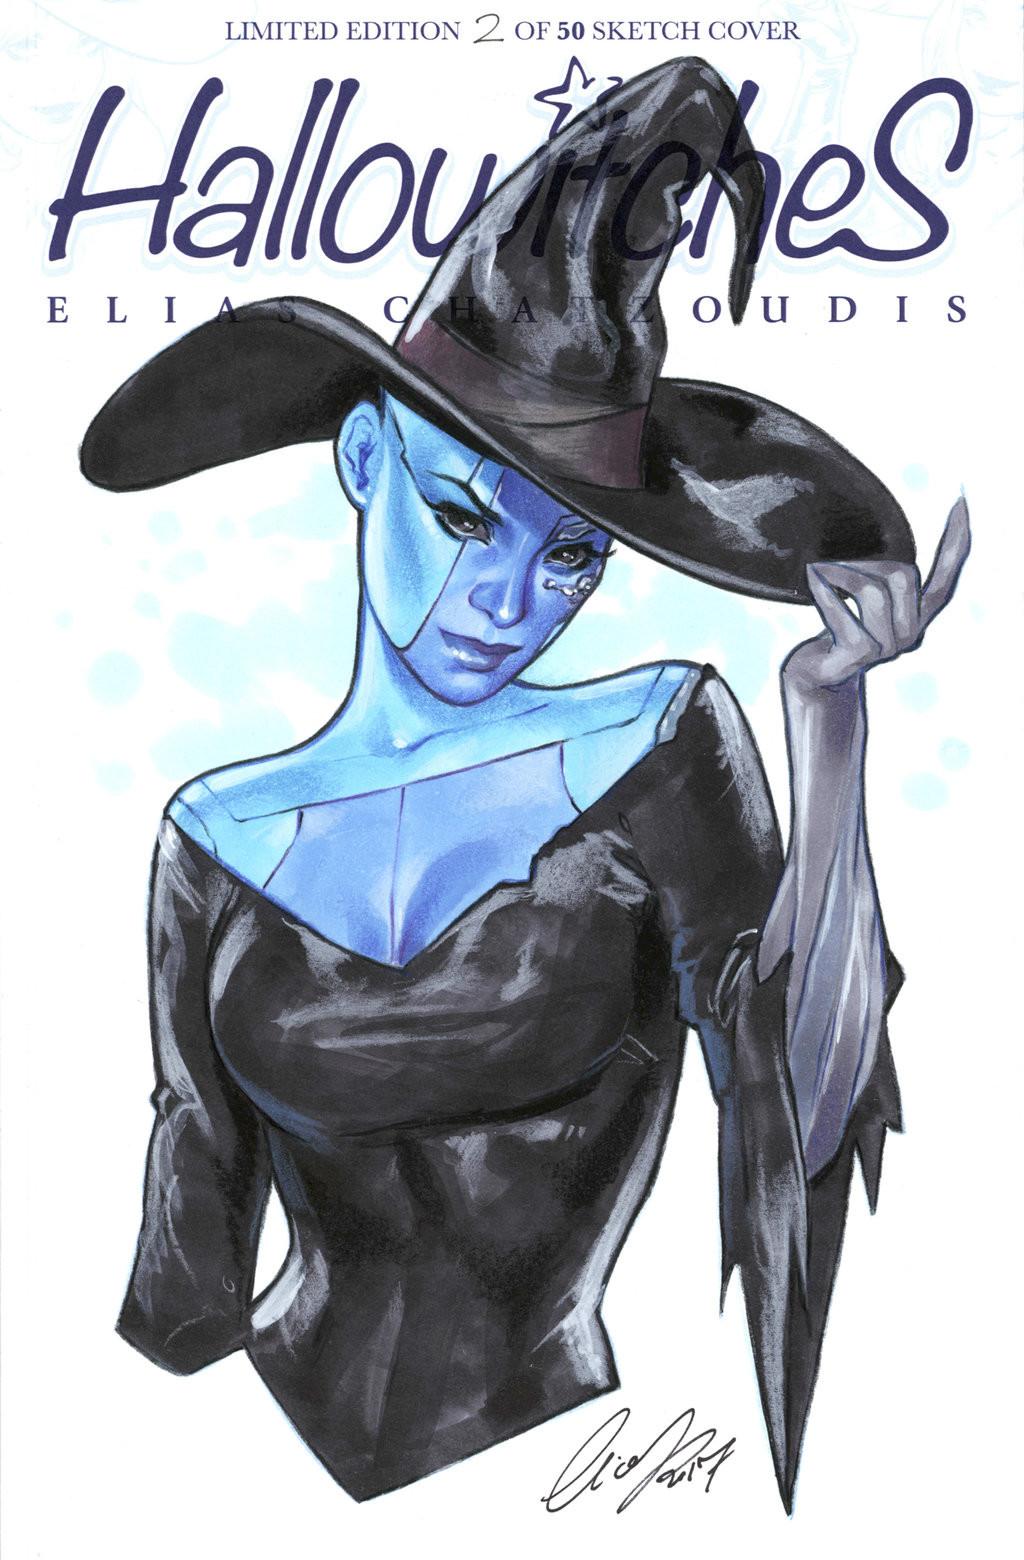 Elias chatzoudis nebula as witch by elias chatzoudis daxf19t